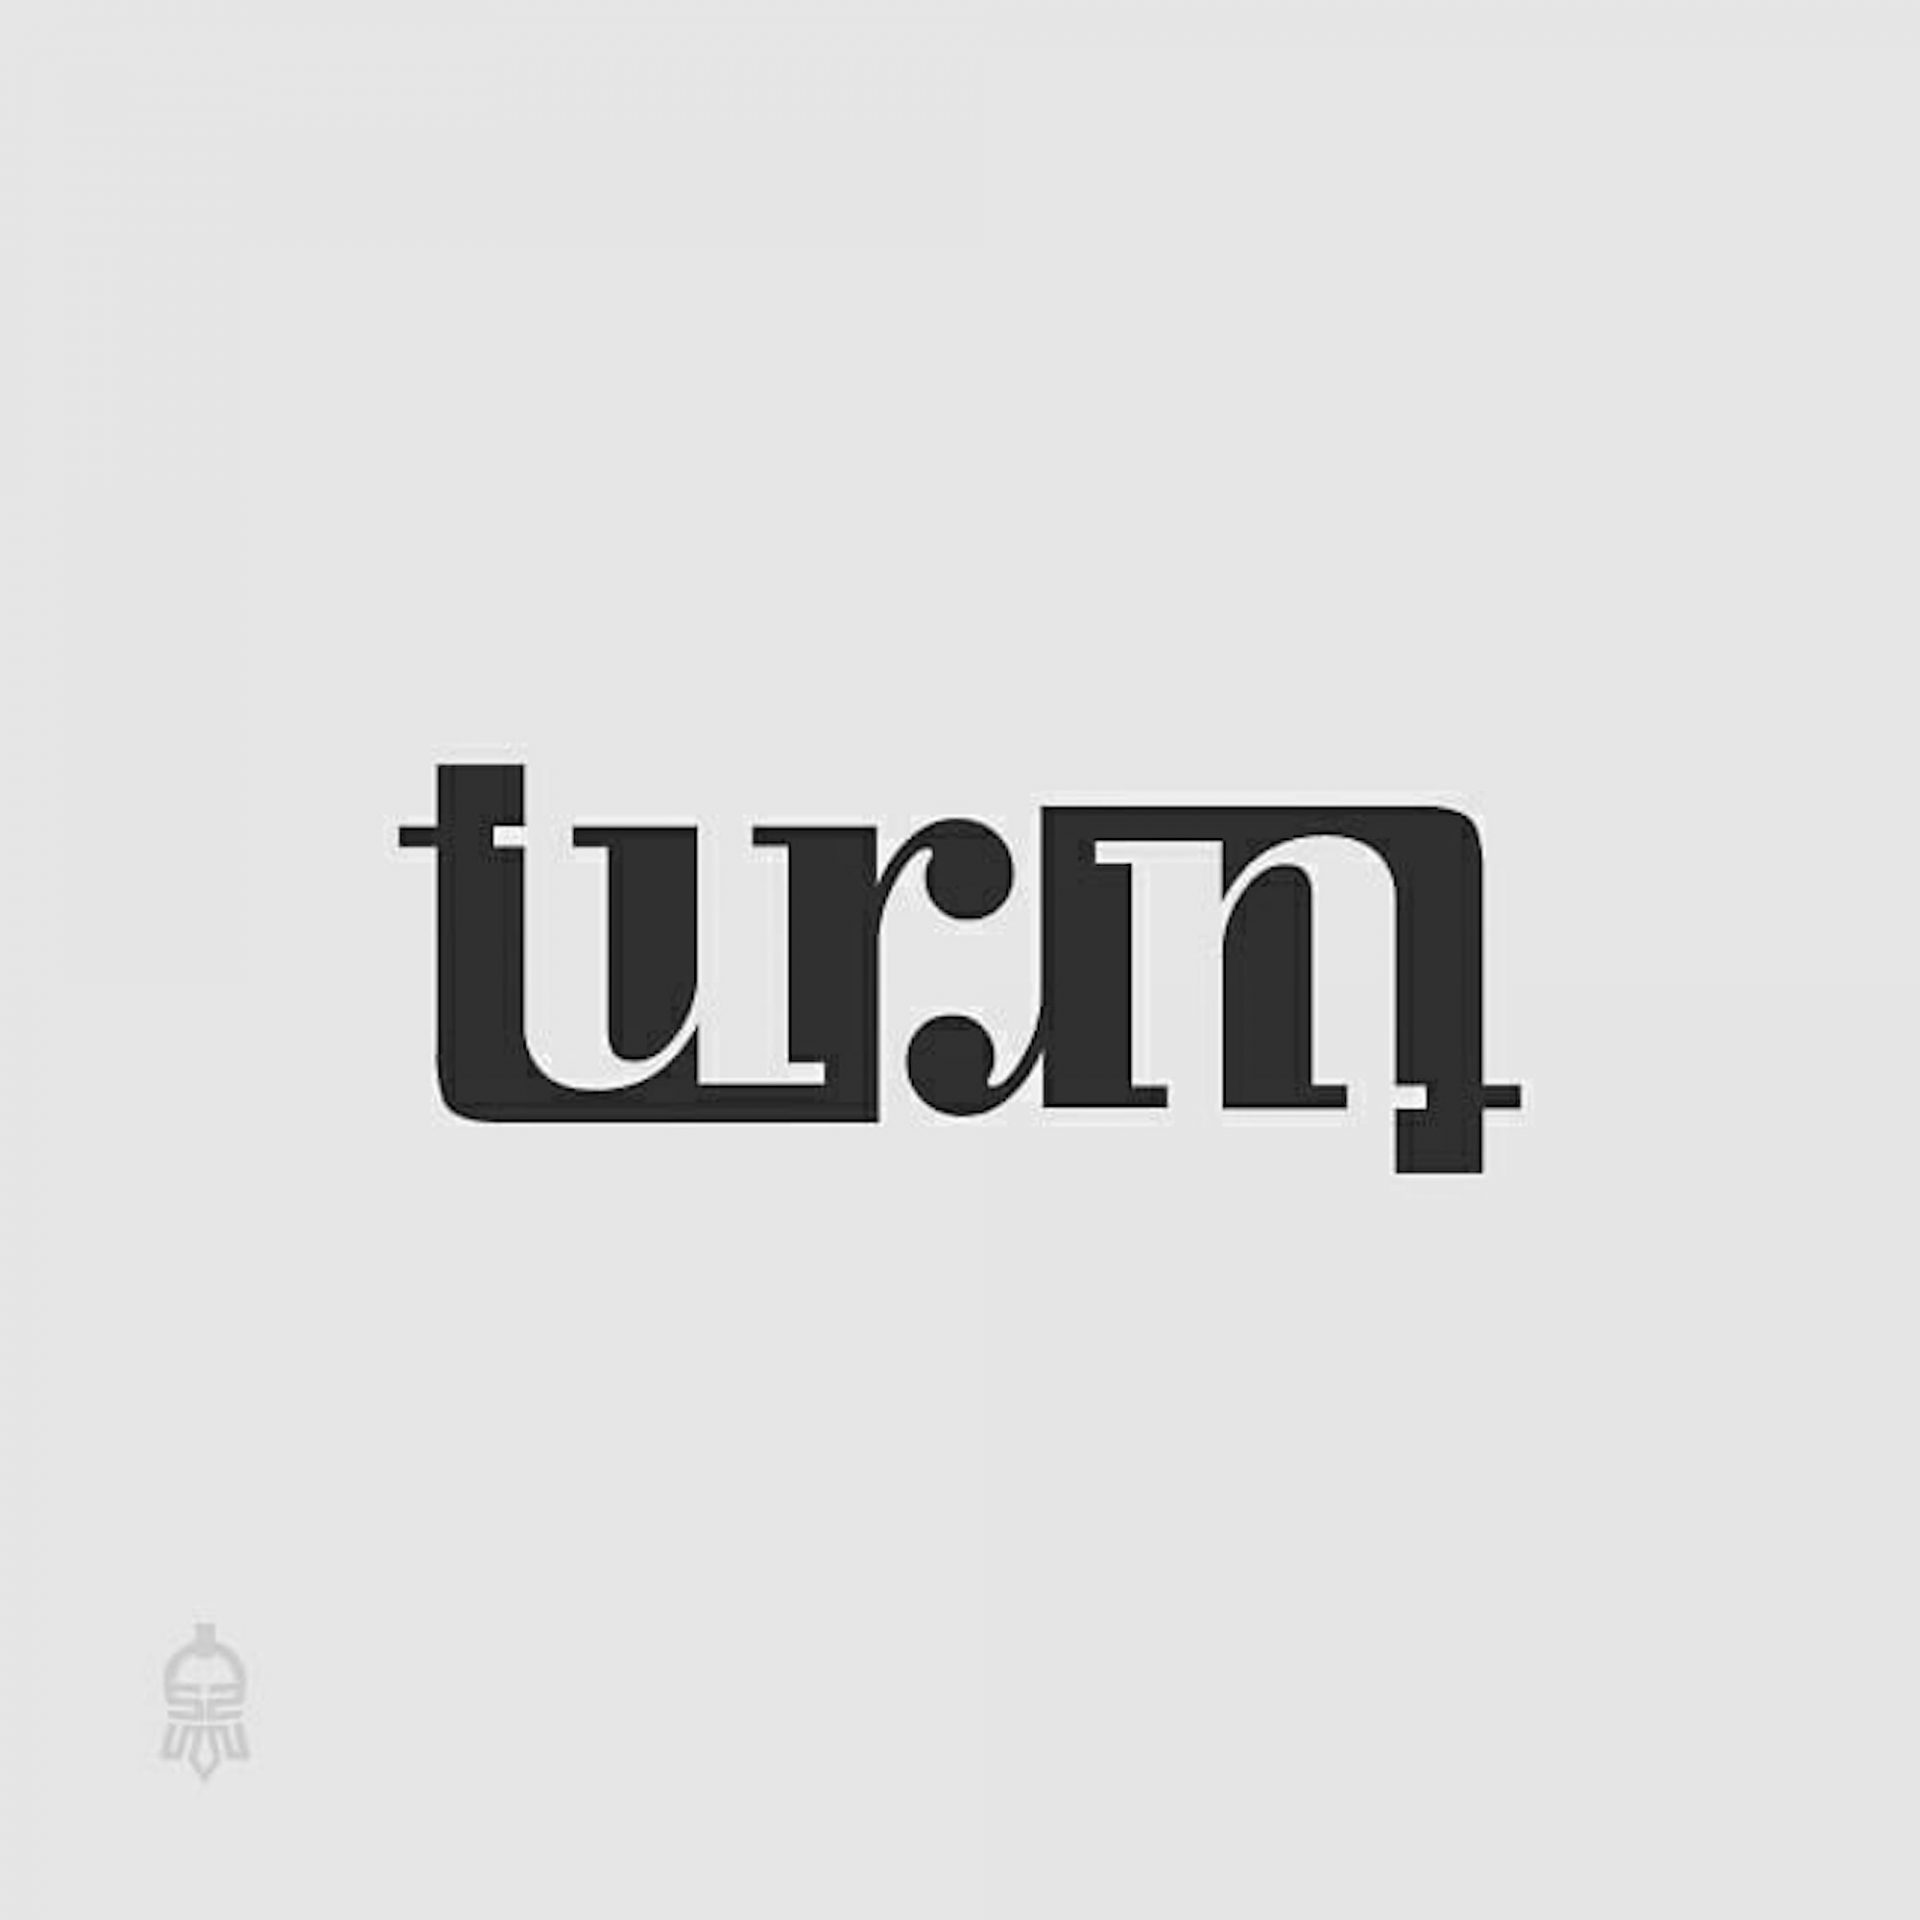 25 mots designés avec créativité pour souligner leur sens